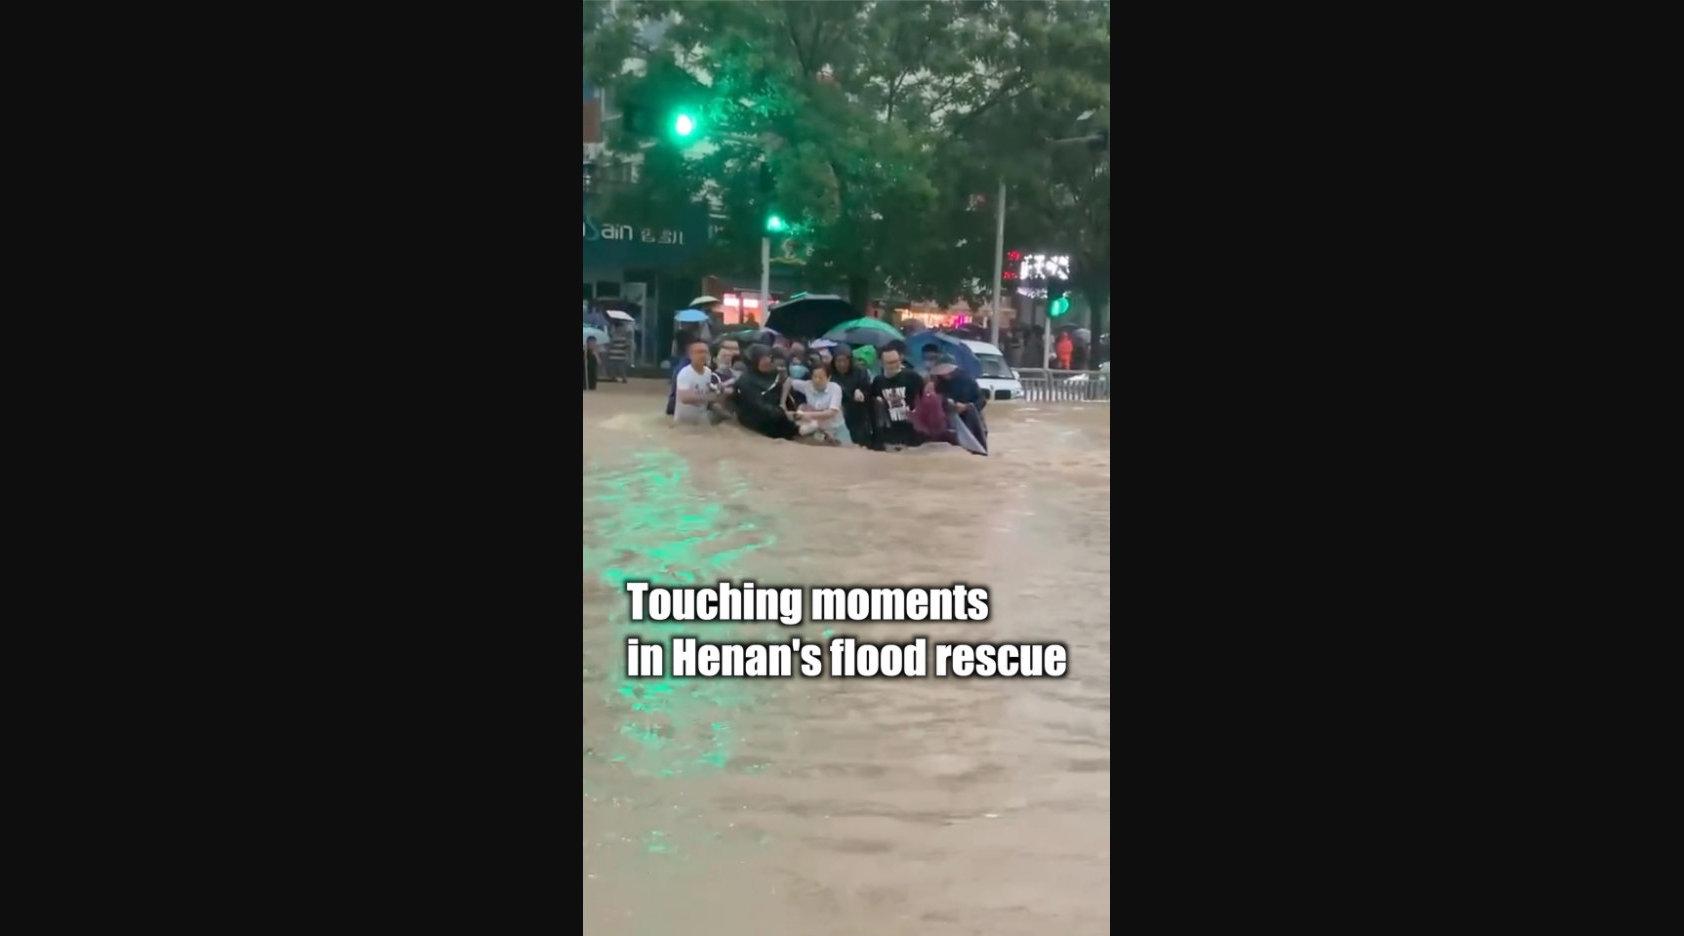 暴雨中的感动瞬间